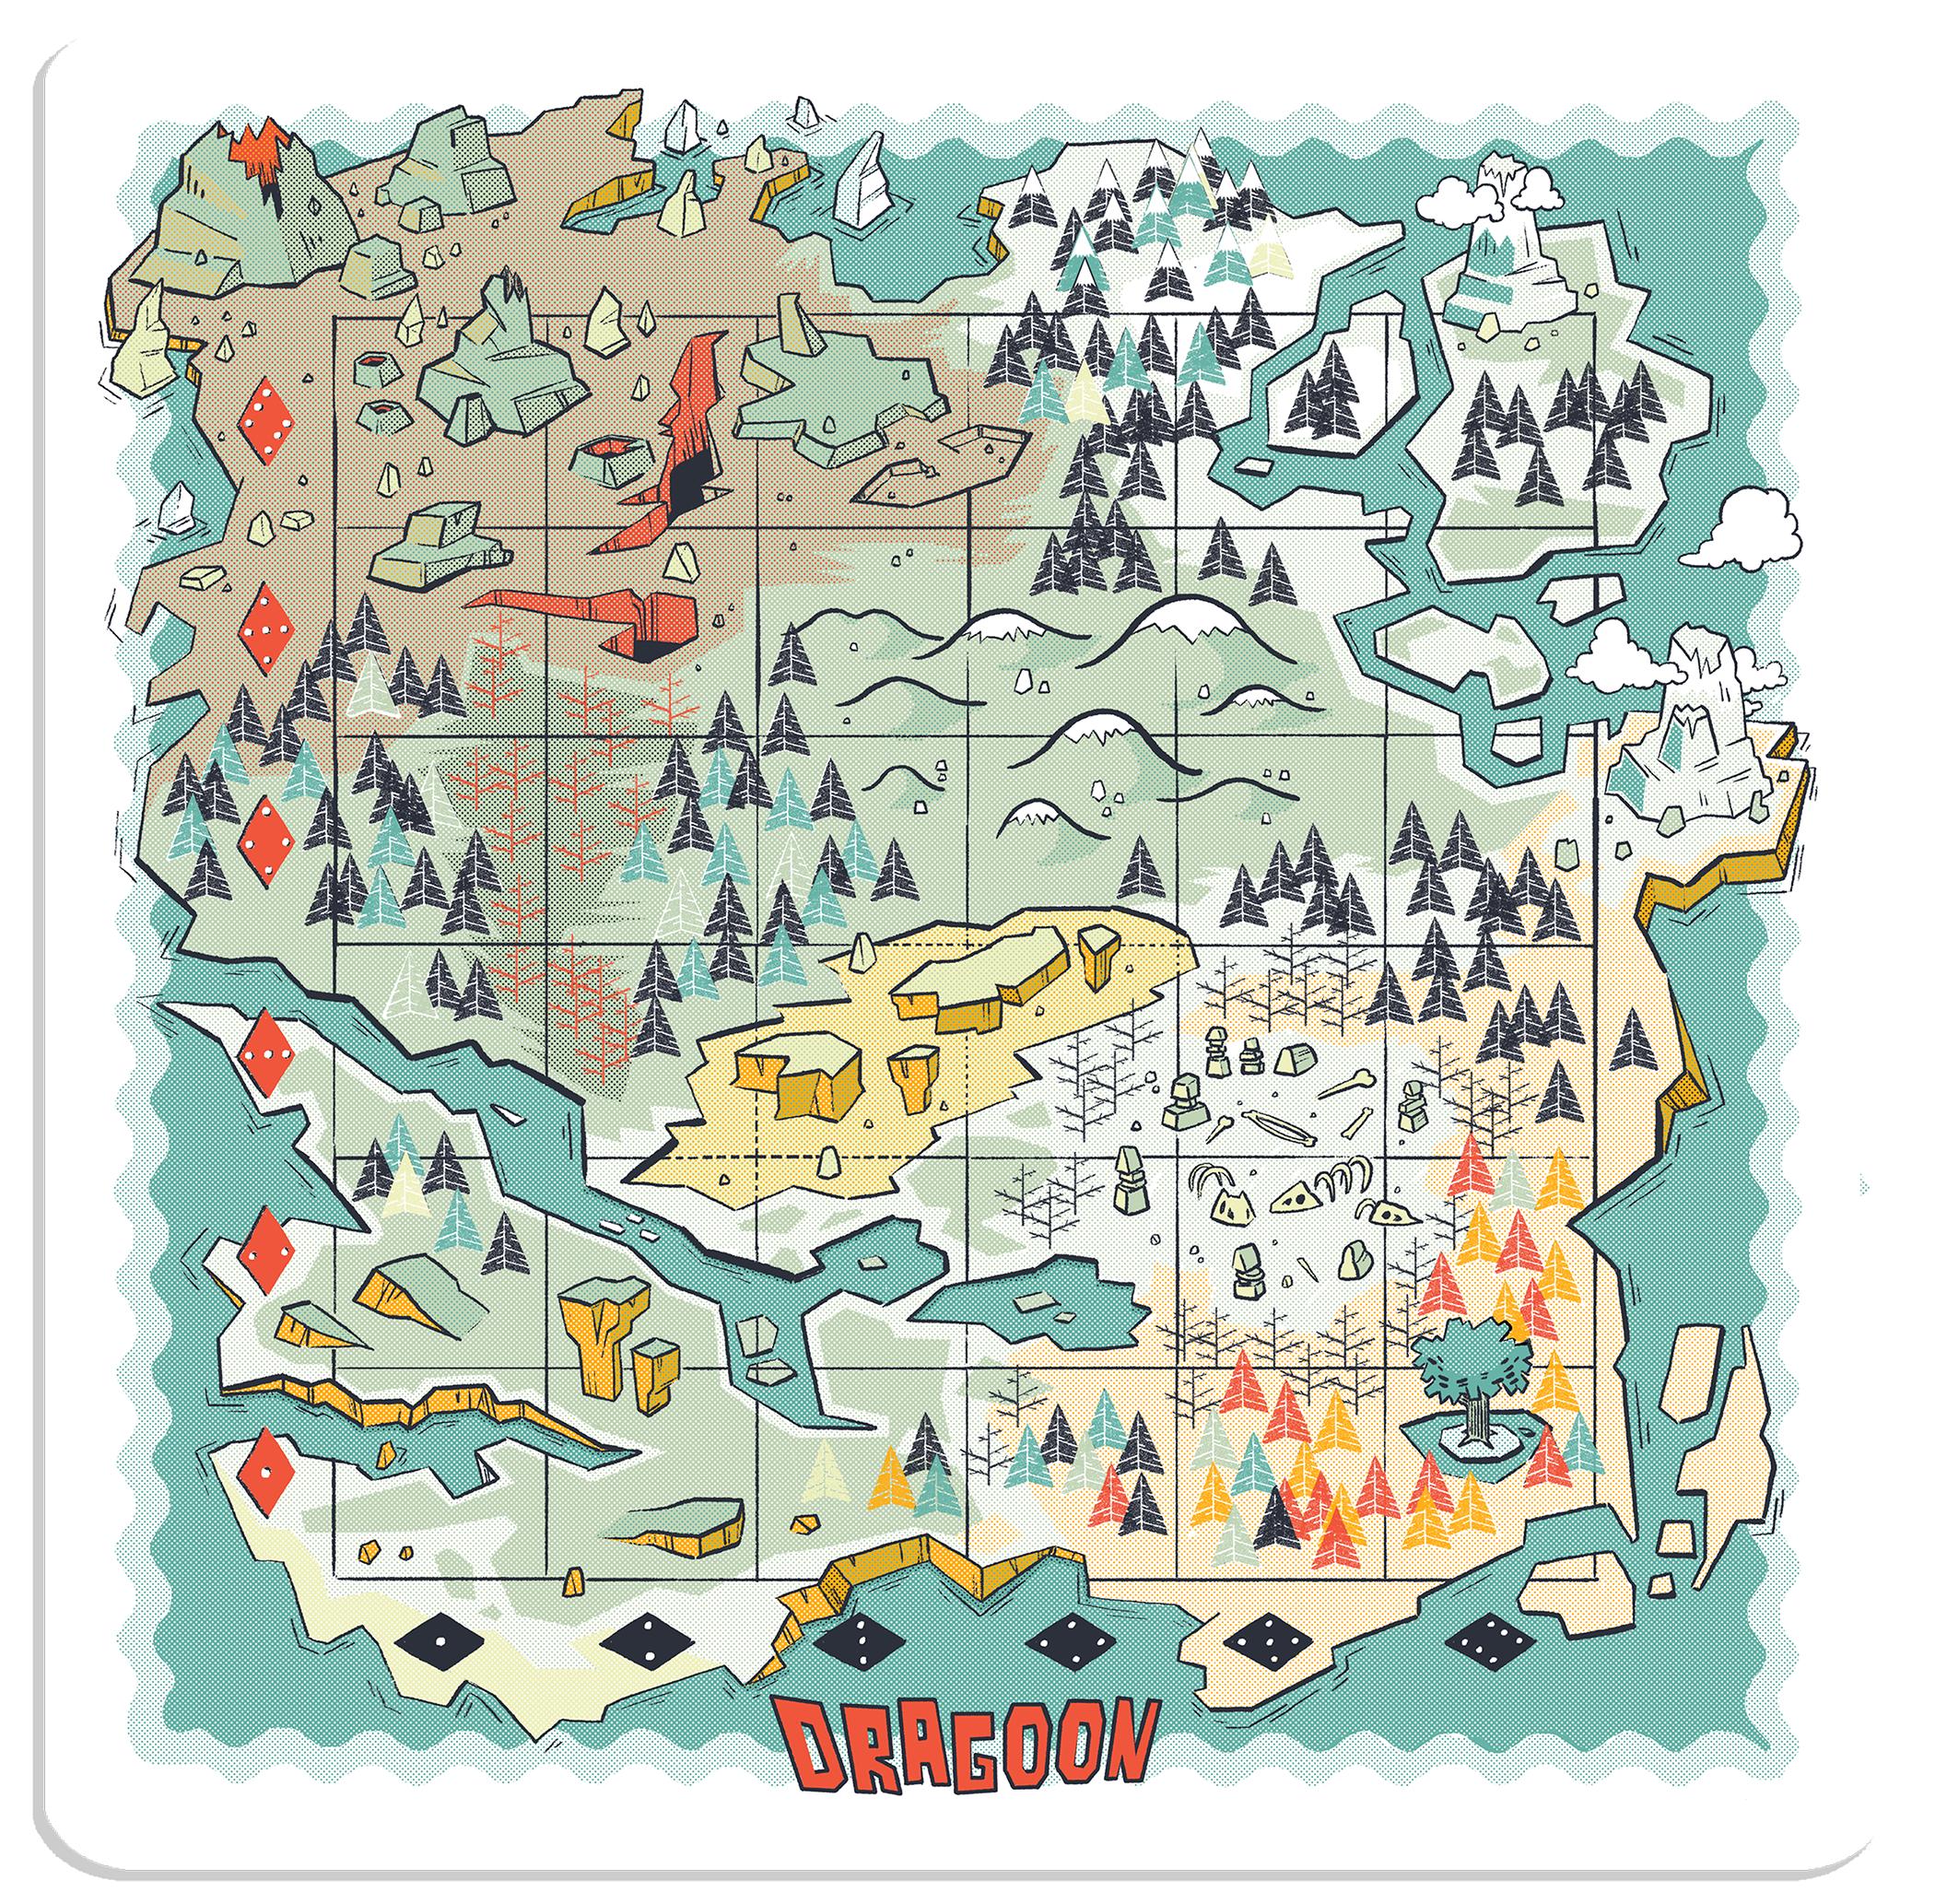 Dragoon Map Image